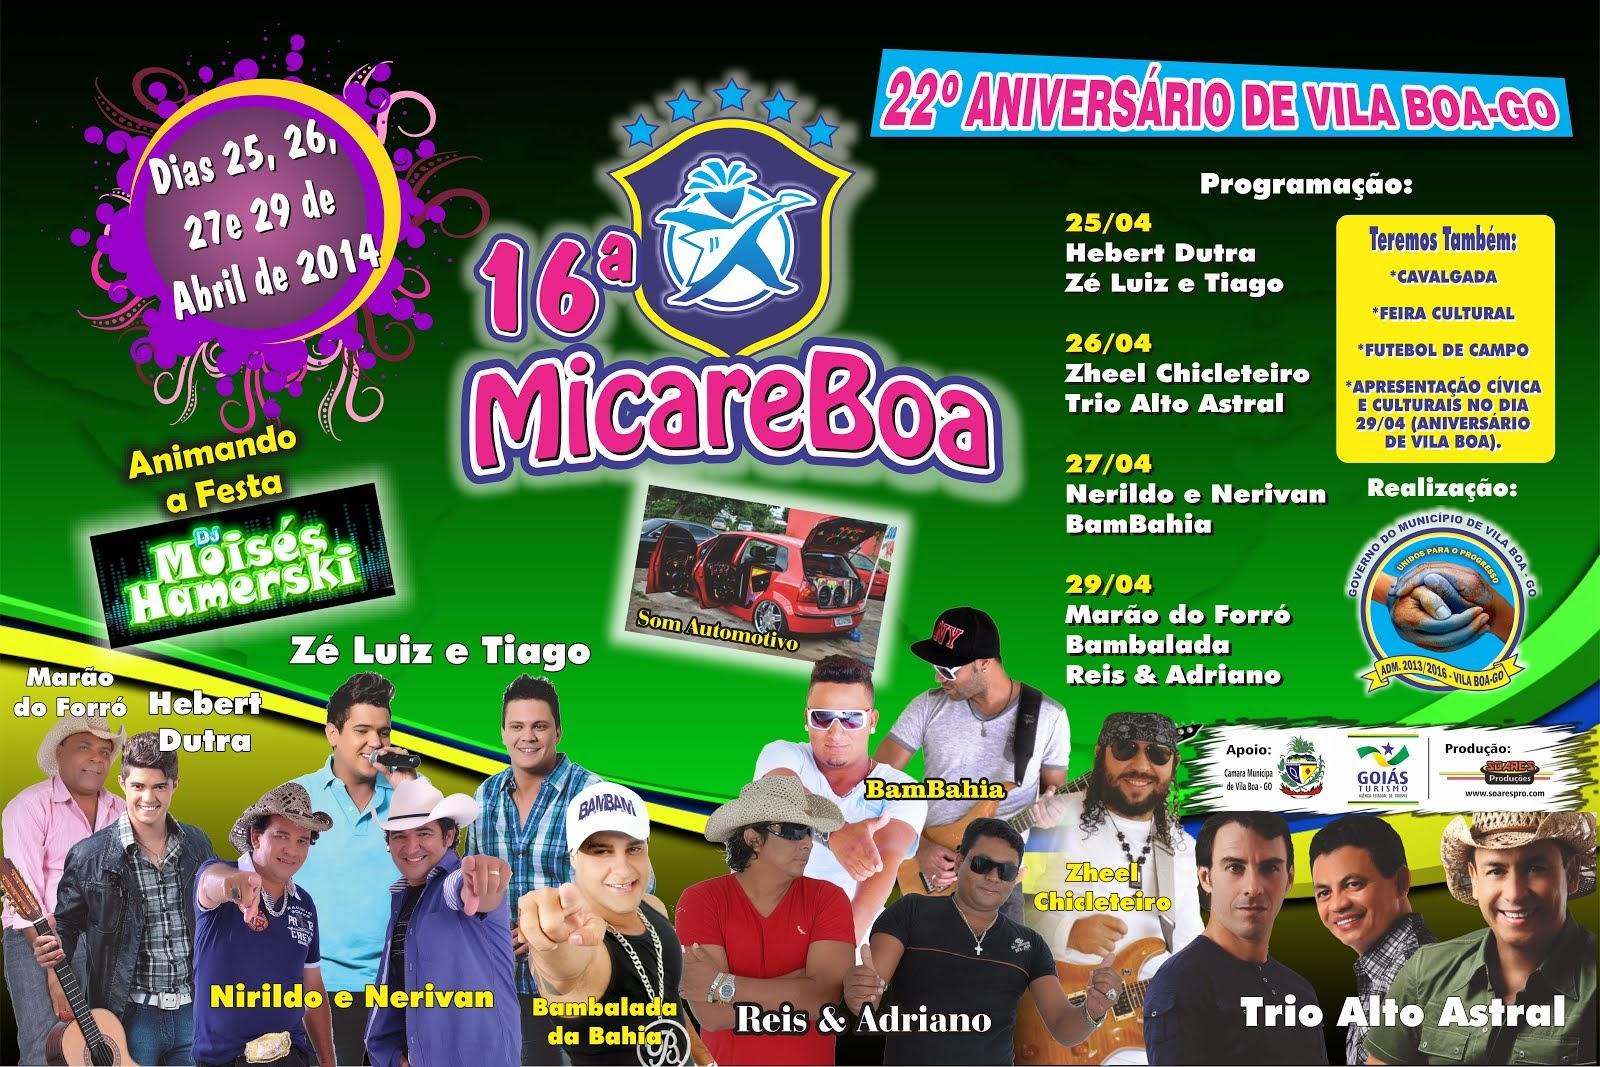 22º Aniversário de Vila Boa - GO e a 16 ª MicareBoa - de 25 a 29 de Abril.